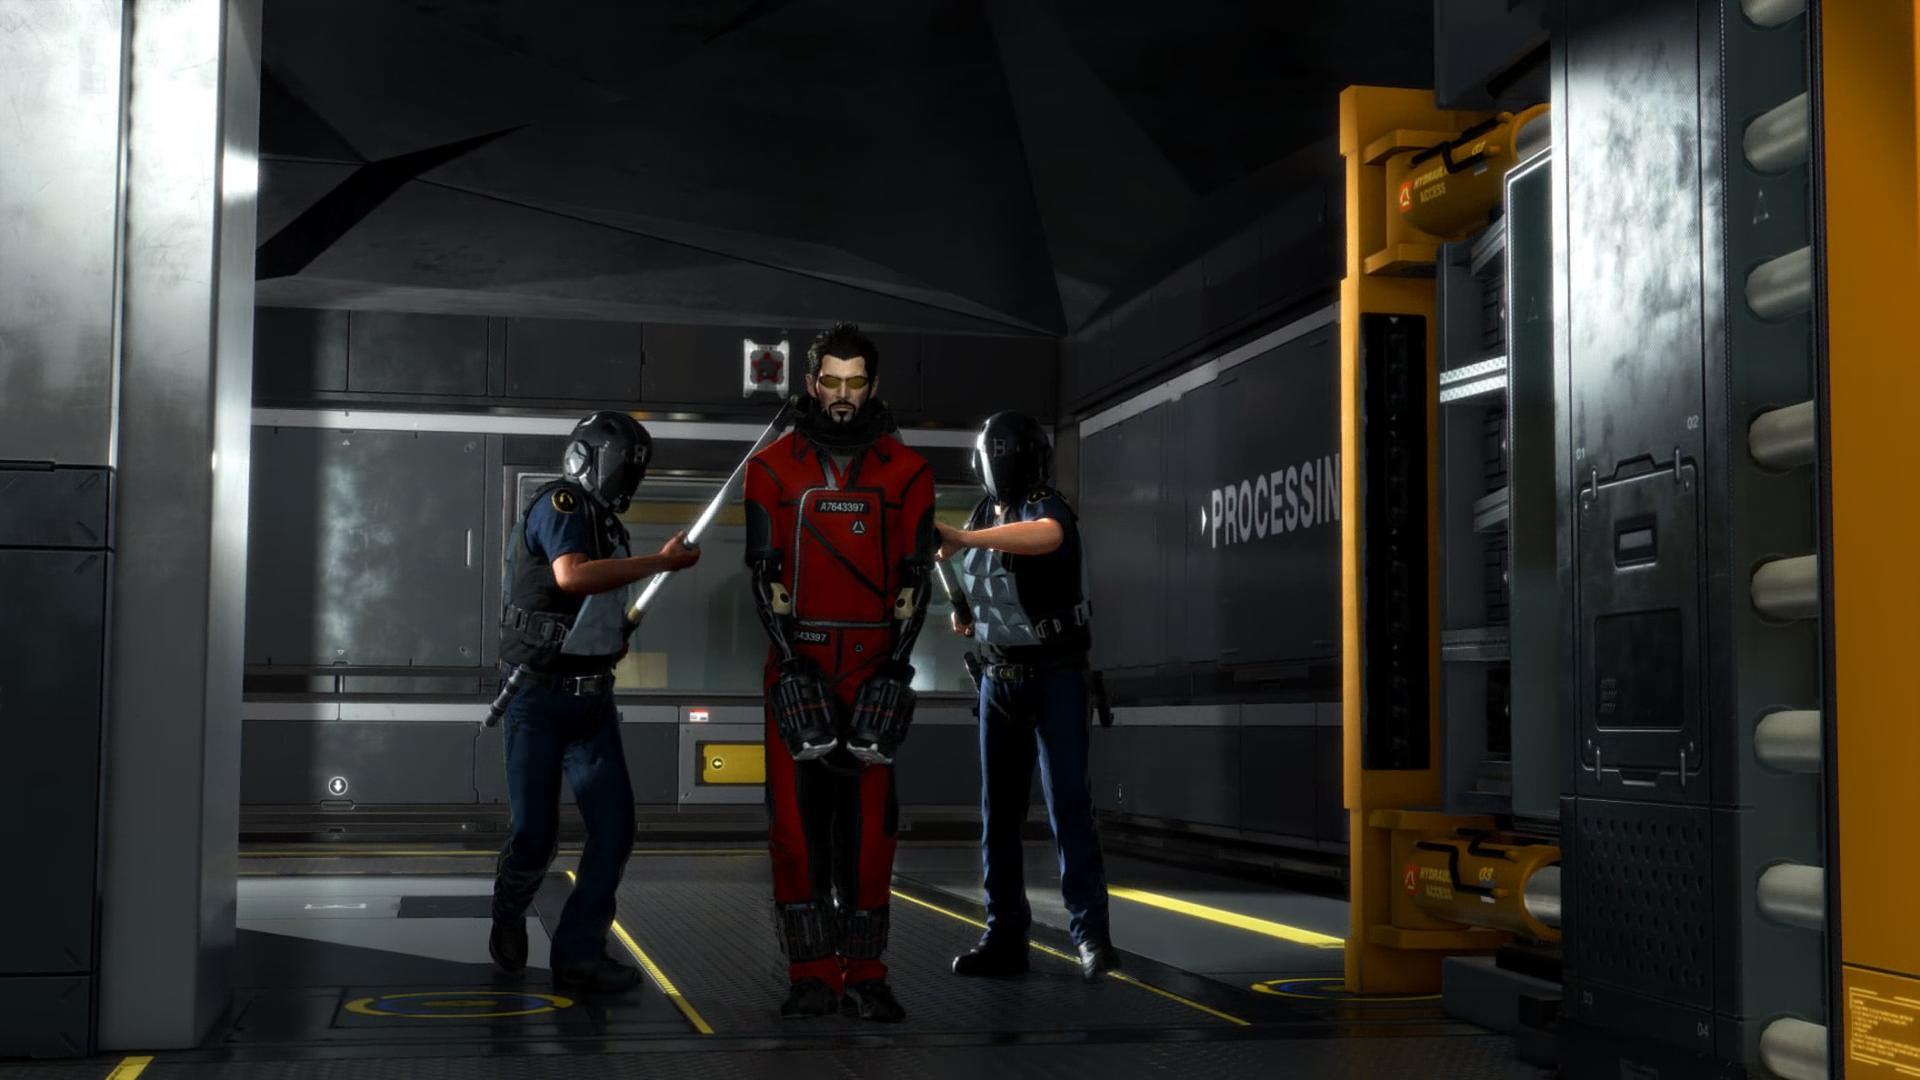 000333.Jpg - Deus Ex: Mankind Divided